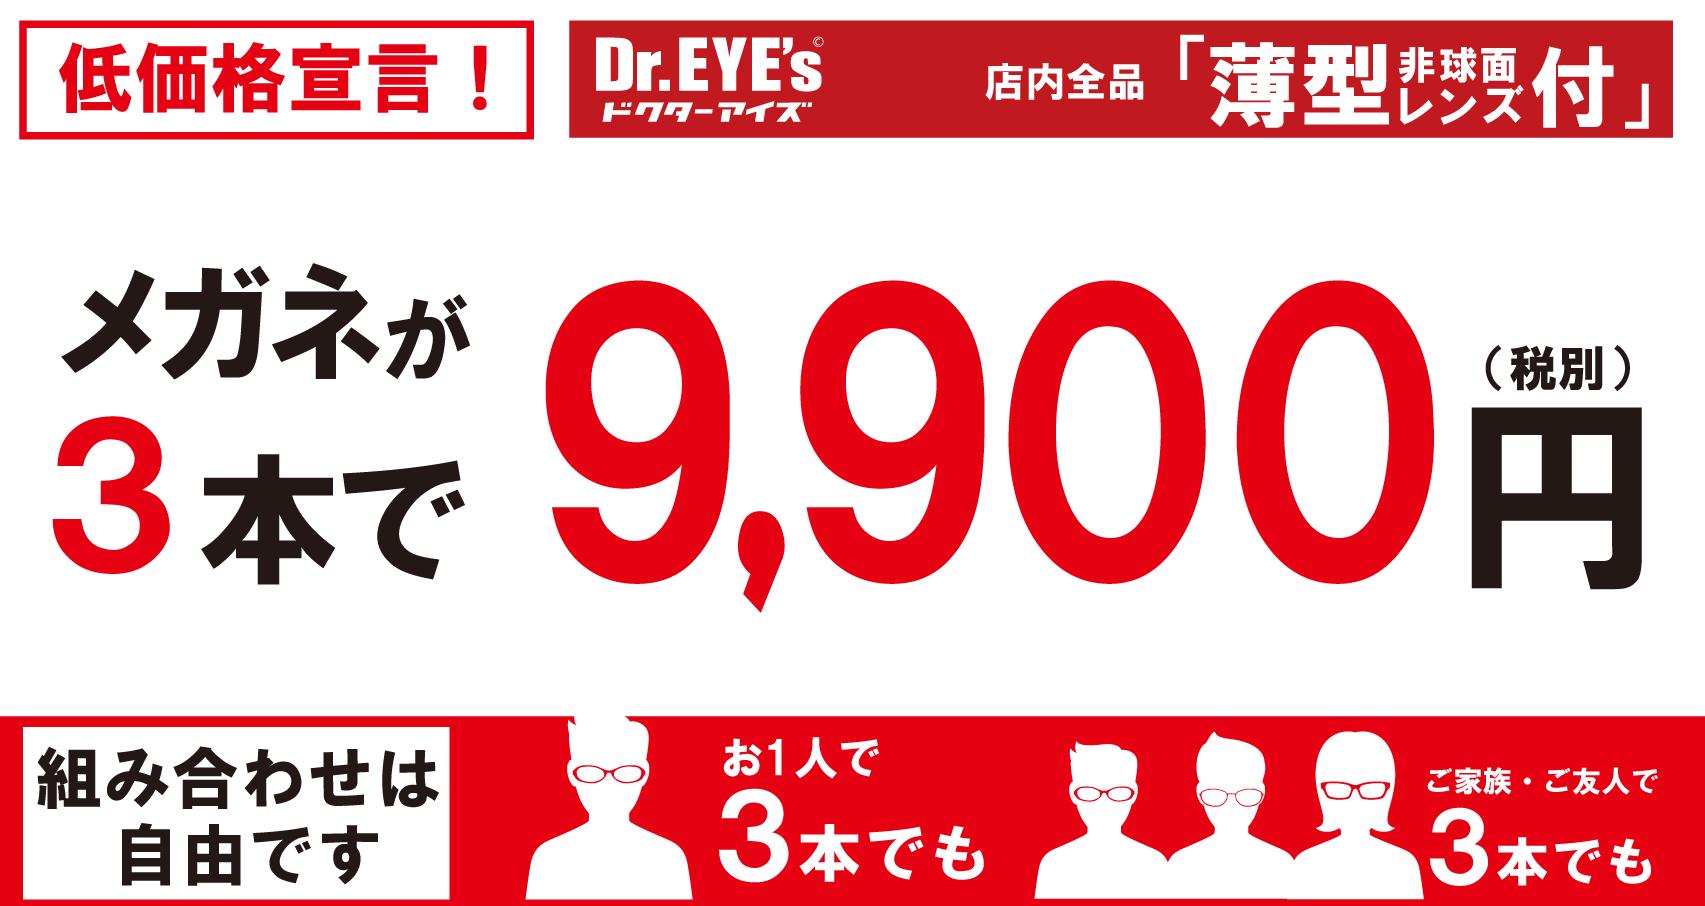 メガネフレーム3本で安い|低価格メガネ3本セット9,900円